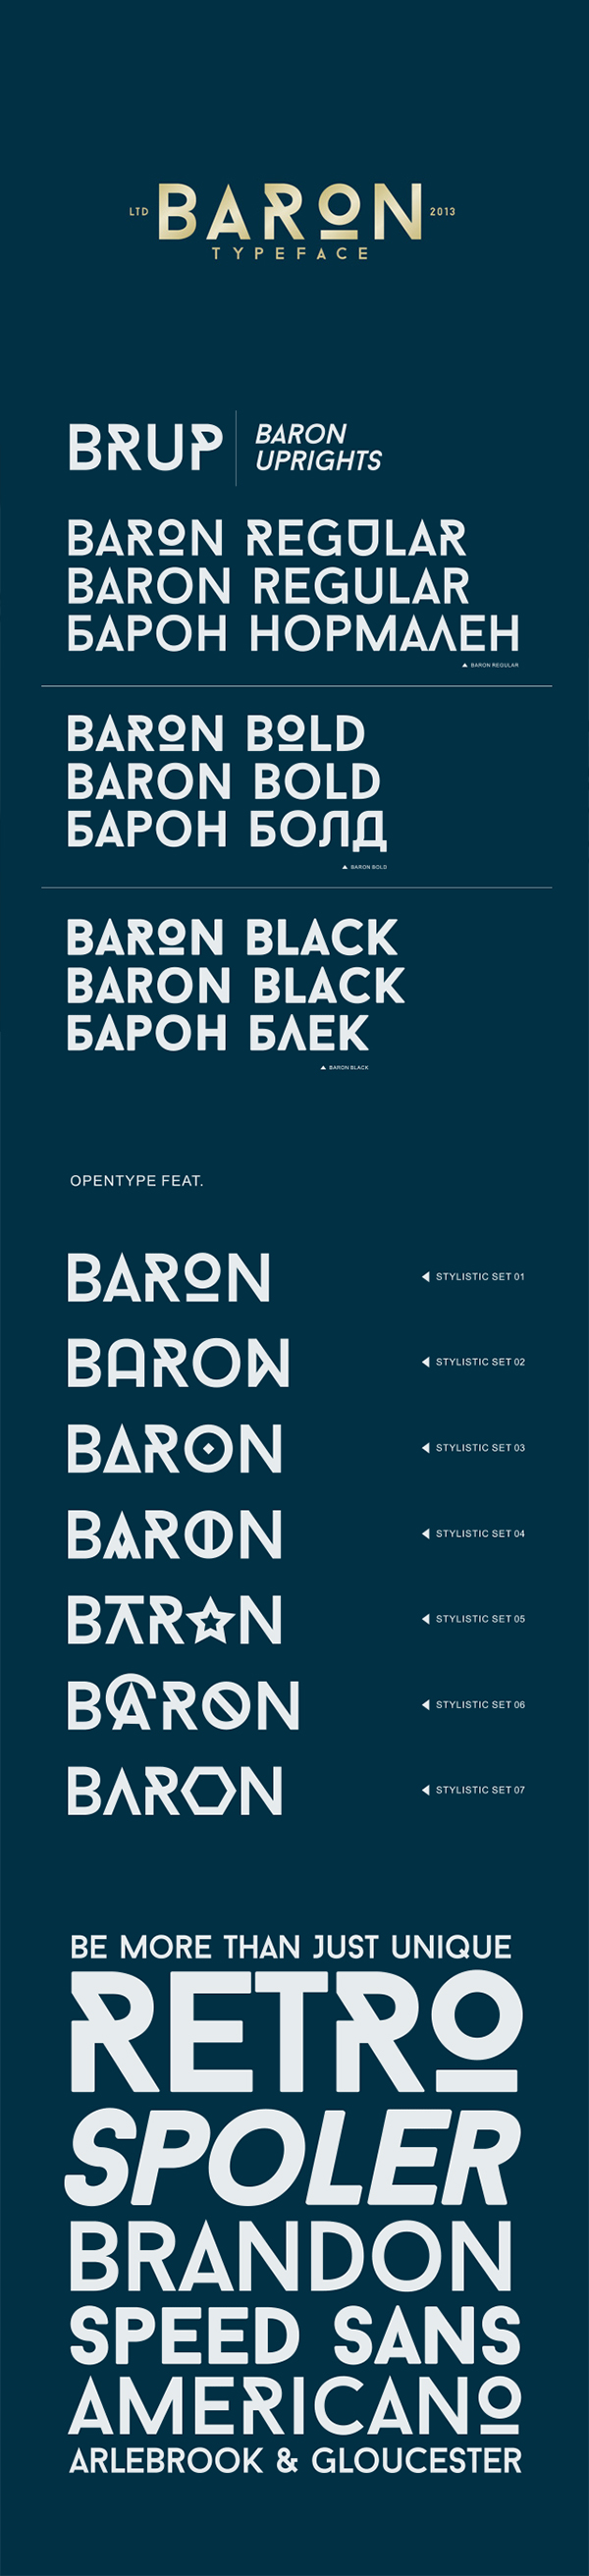 11 Baron